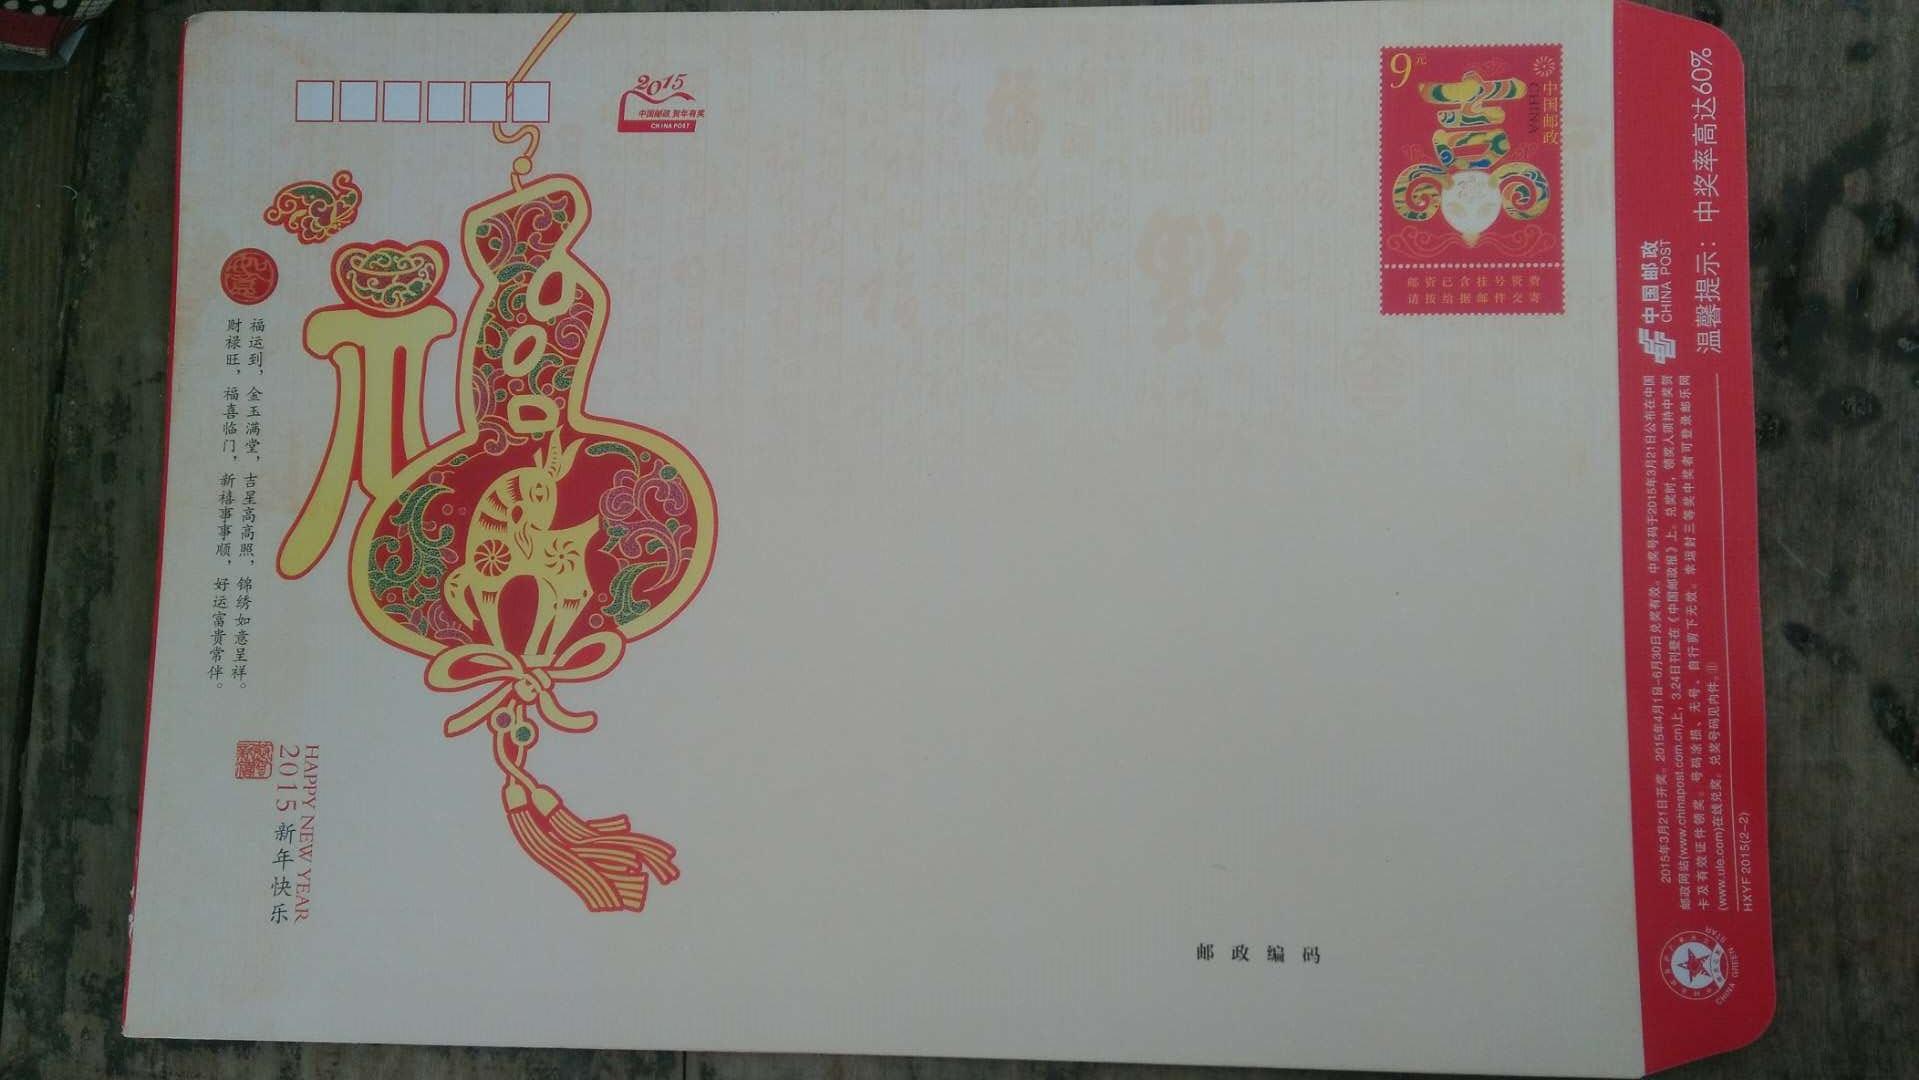 Лет спец. предложение Великий 9 юаней повезло печать 9 юаней почтовая оплата, специальные толстая версия полный без слово Ограниченный срок